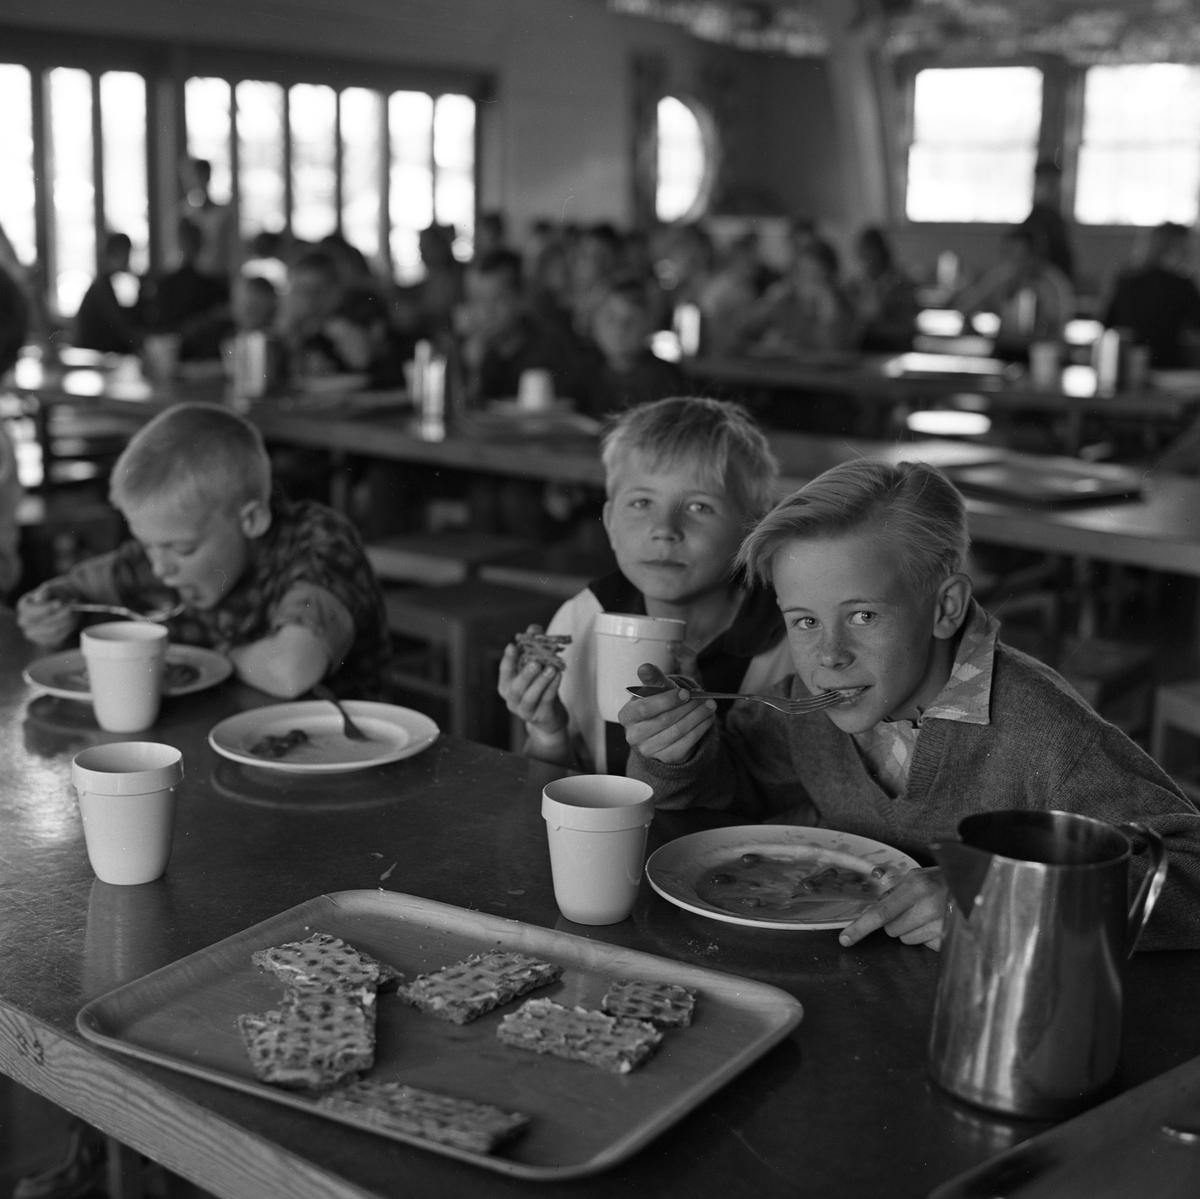 Tre pojkar i skolbespisningen. Maten är levererad från AB Stig Dahlberg Storkök i Medåker. Inte känt vad pojkarna heter. Bilden kan vara tagen i Folkets park i Köping, som användes som skolbespisning under en period. Färdigbredda, hårda smörgåsar på en bricka. Rostfri kanna. I bakgrunden anas flera barn, vid långbord.